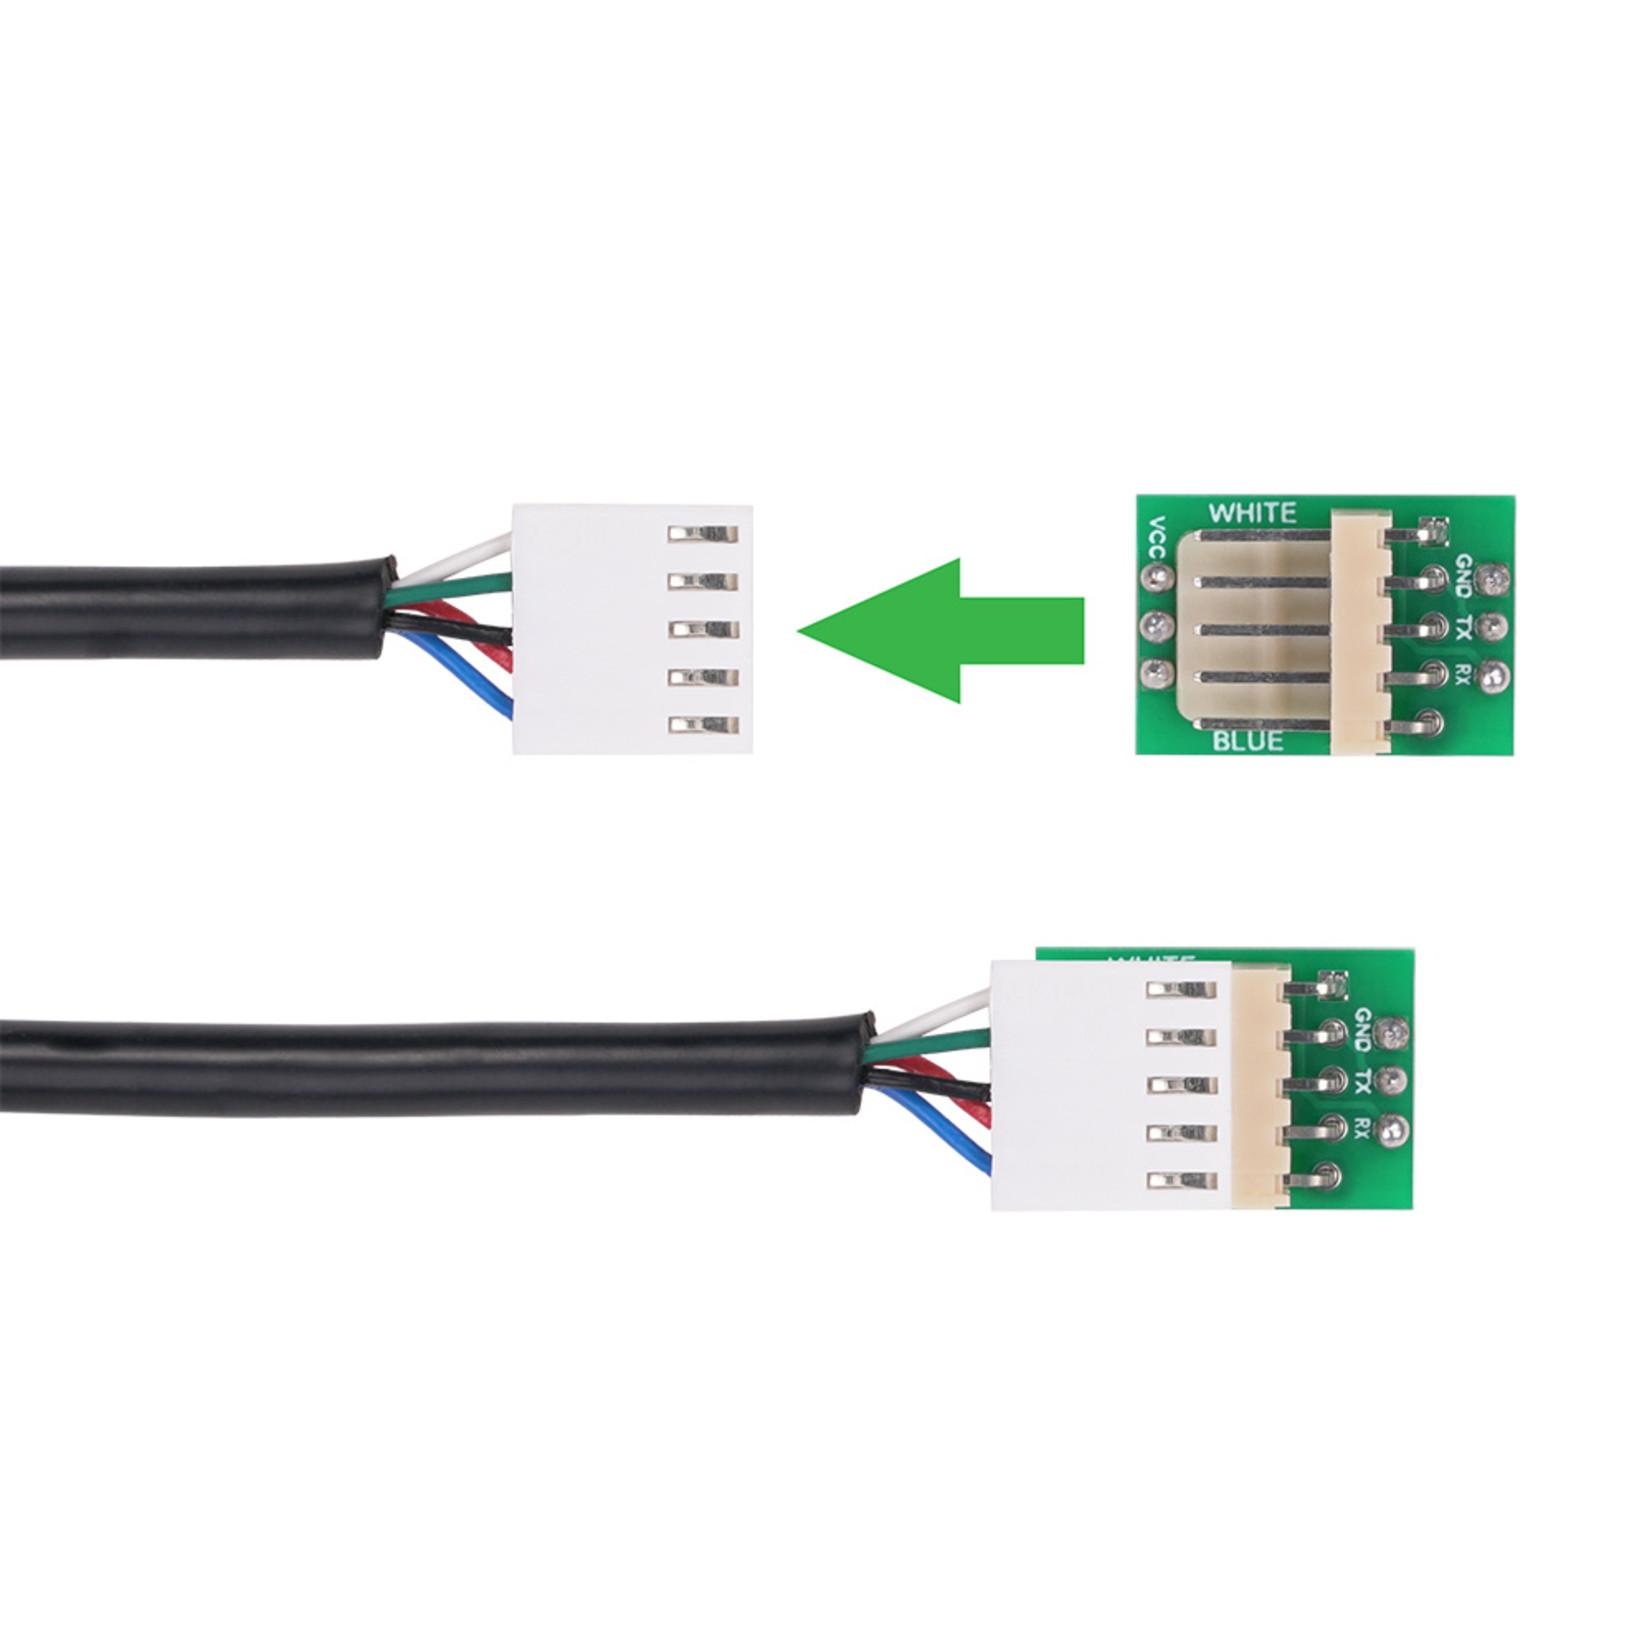 Atlas Scientific EZO-PMP™ Data Cable